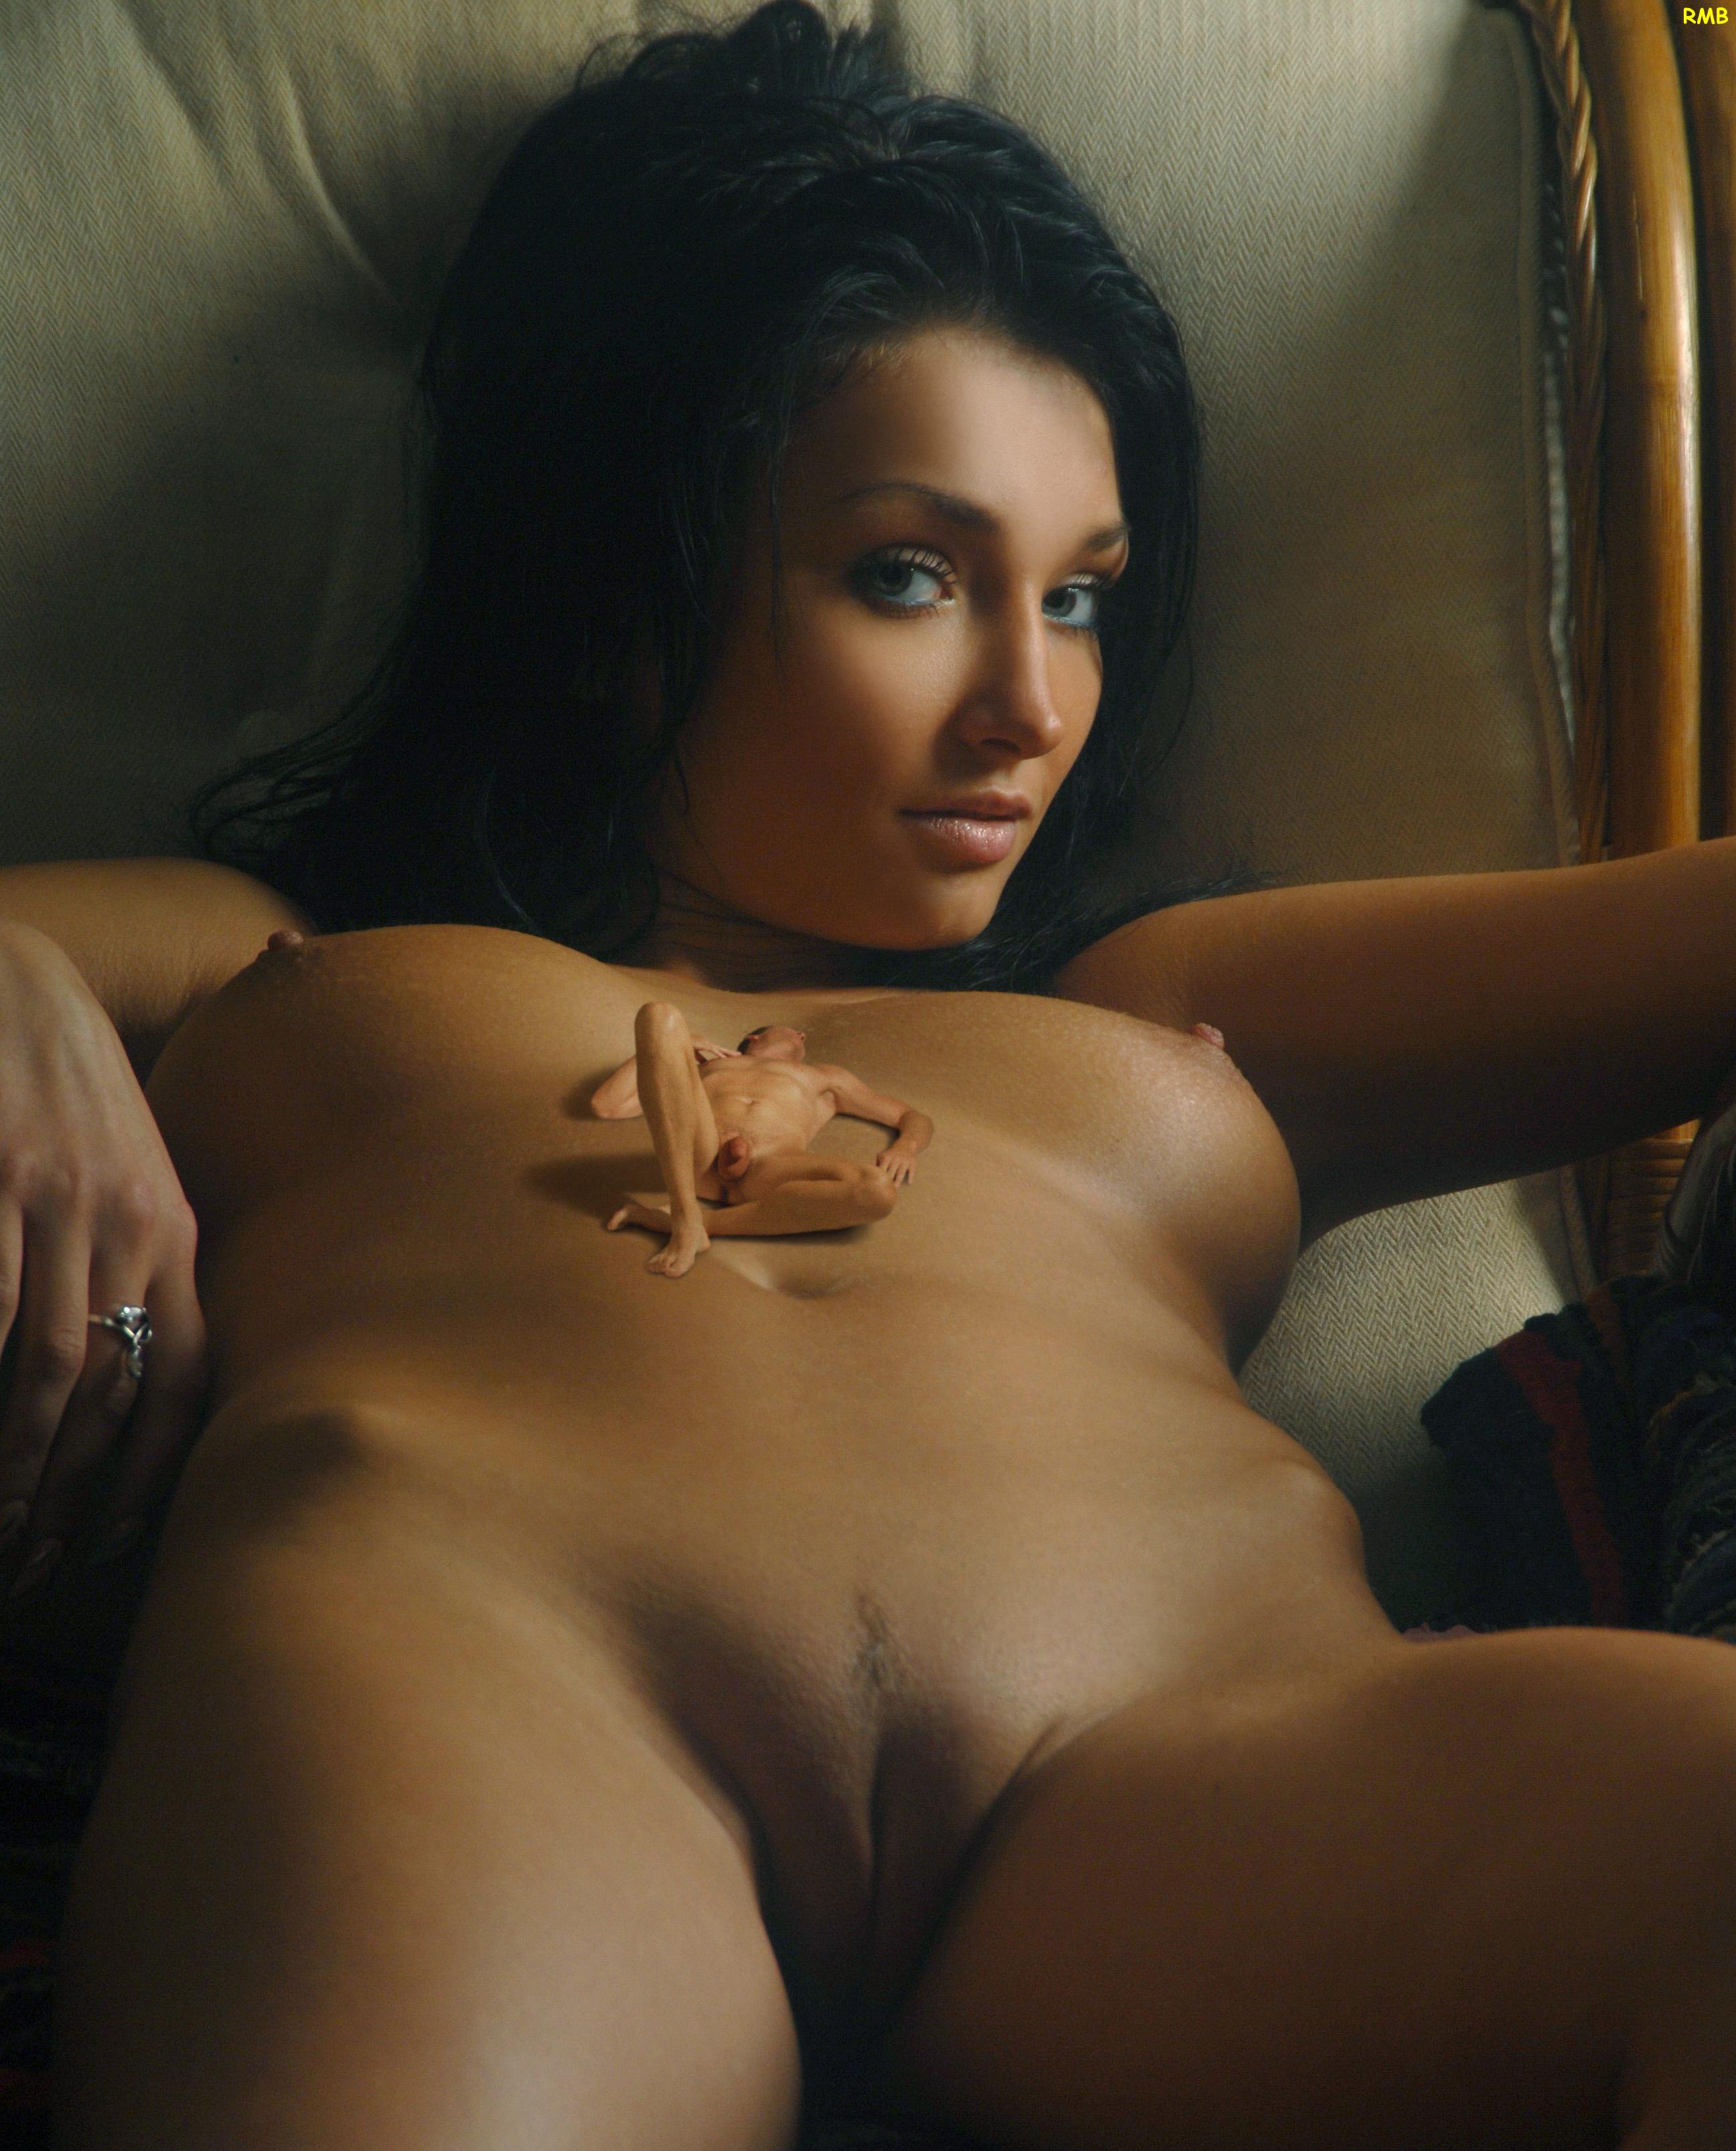 Эротические фото женщин от 30 9 фотография